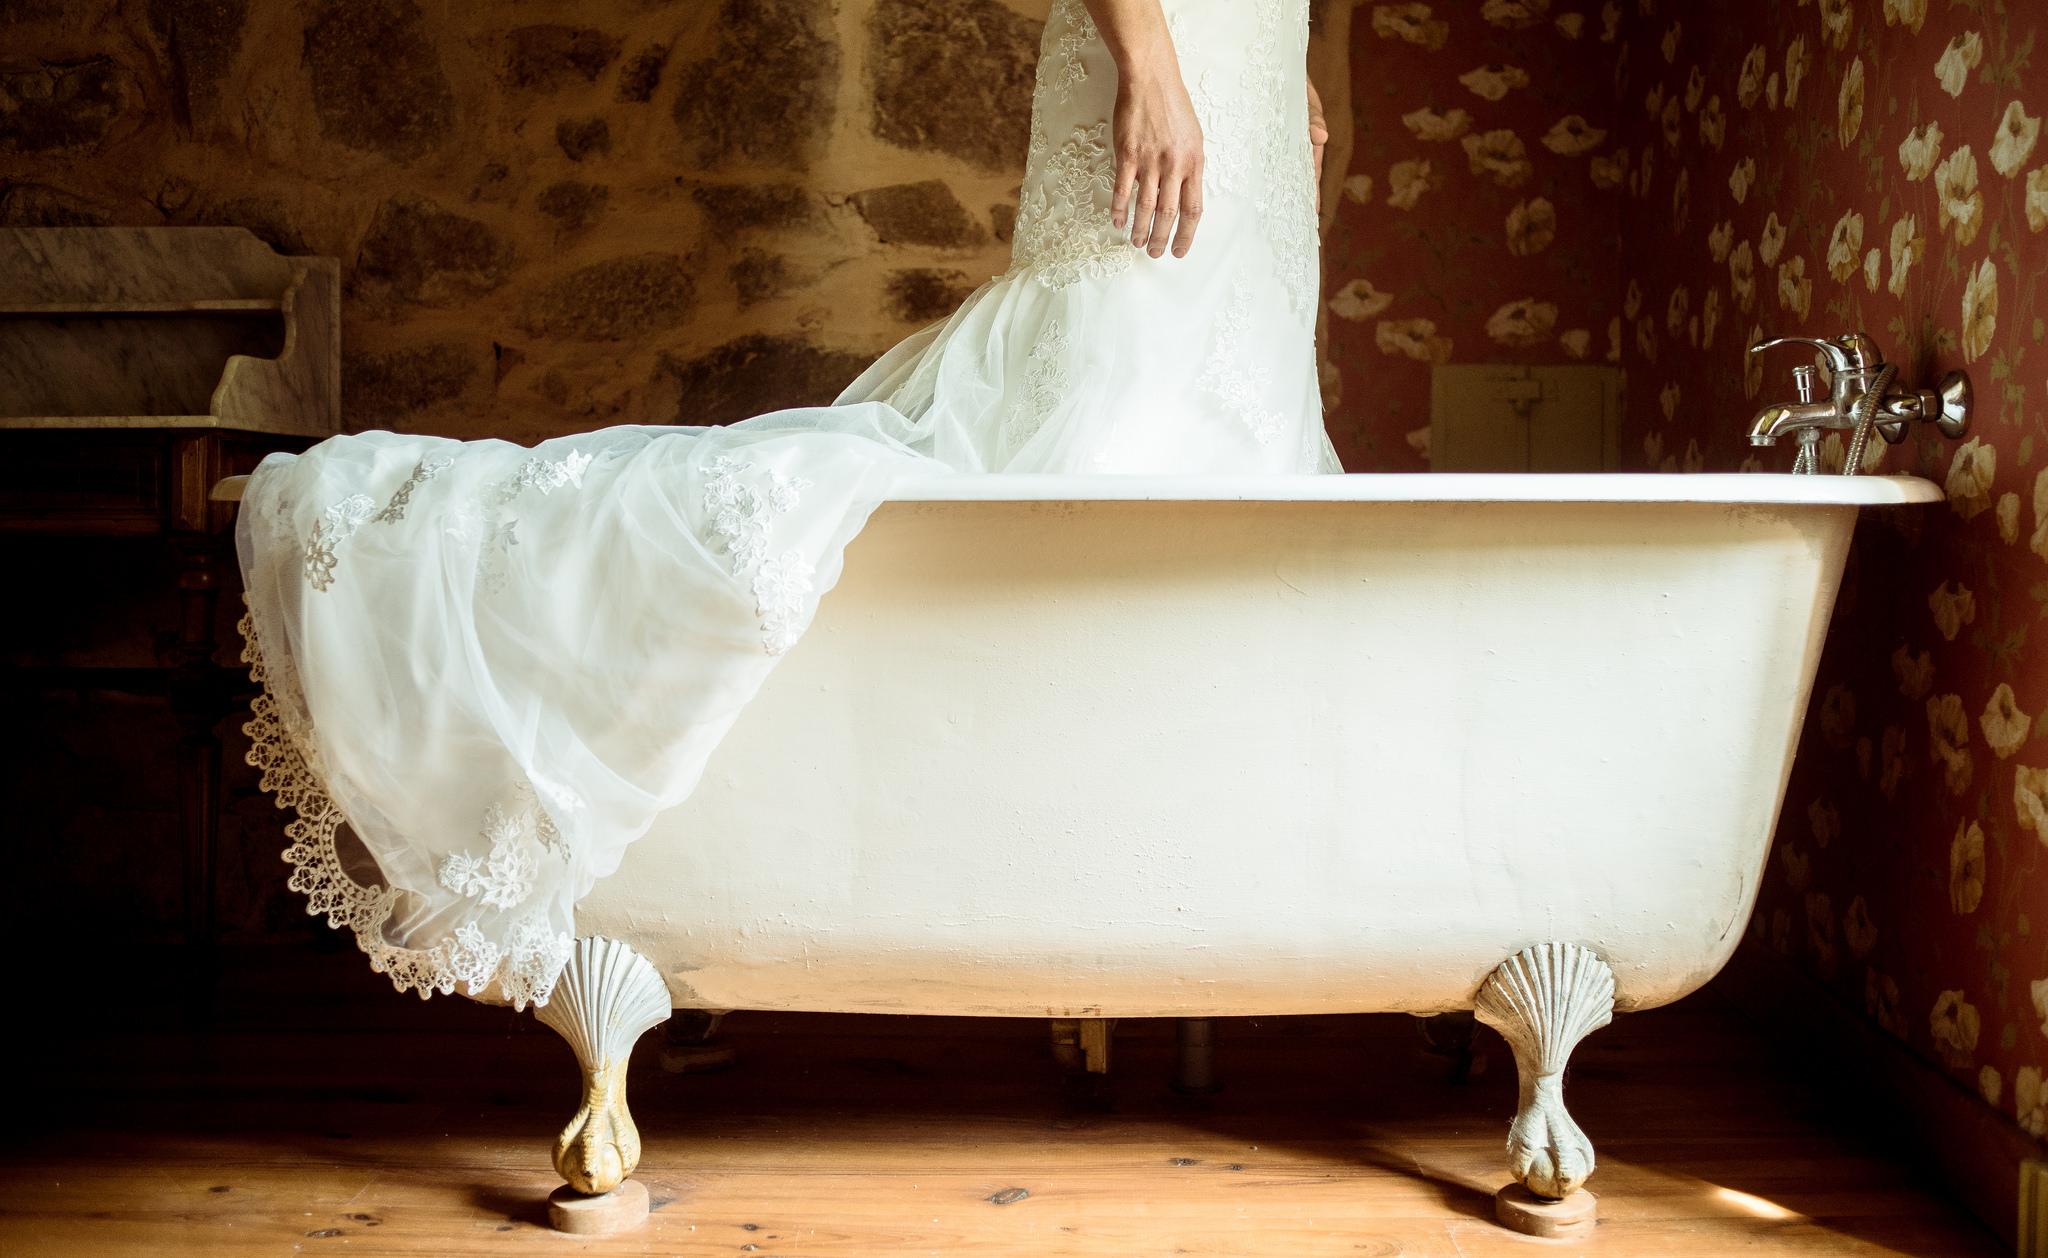 Etienne Regis Photographe à Toulouse, photographe toulouse, reportage, mariage, robe, baignoire, couleurs, chaud, femme, préparation, dentelle